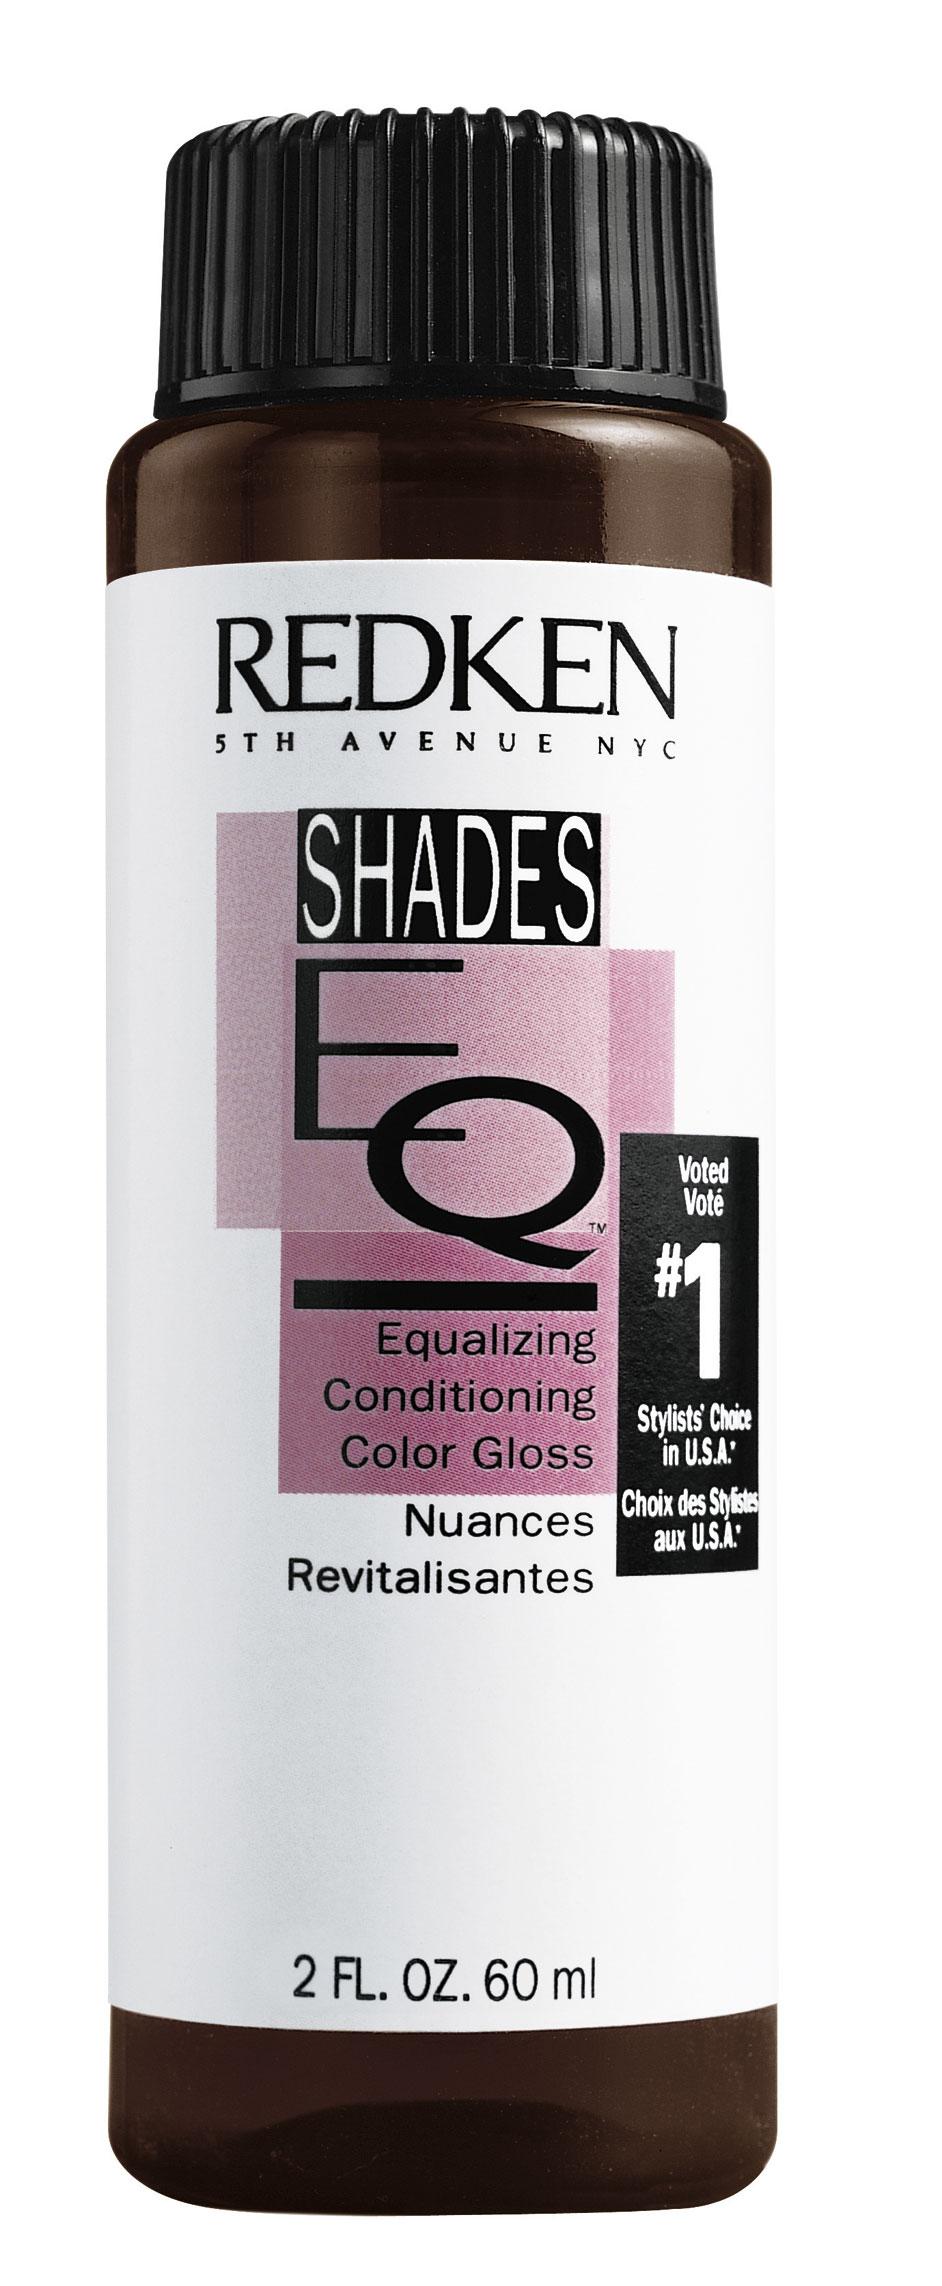 Redken Shades EQ